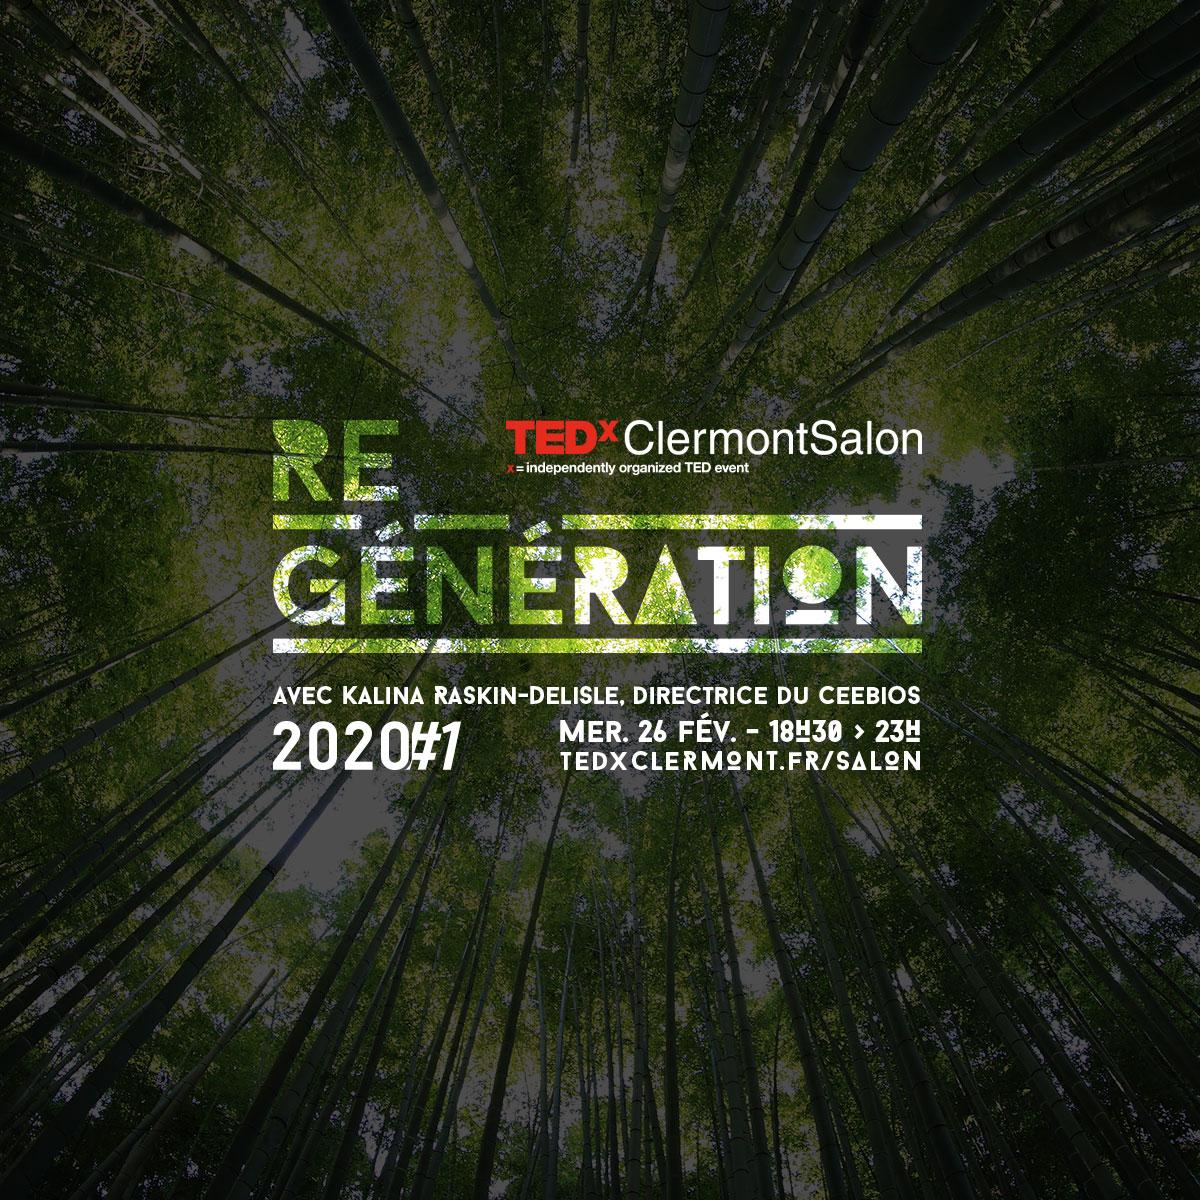 TEDxClermontSalon 2020#1 : Biomimétisme et Bio-Inspiration @ Espace Montagne | Clermont-Ferrand | Auvergne-Rhône-Alpes | France